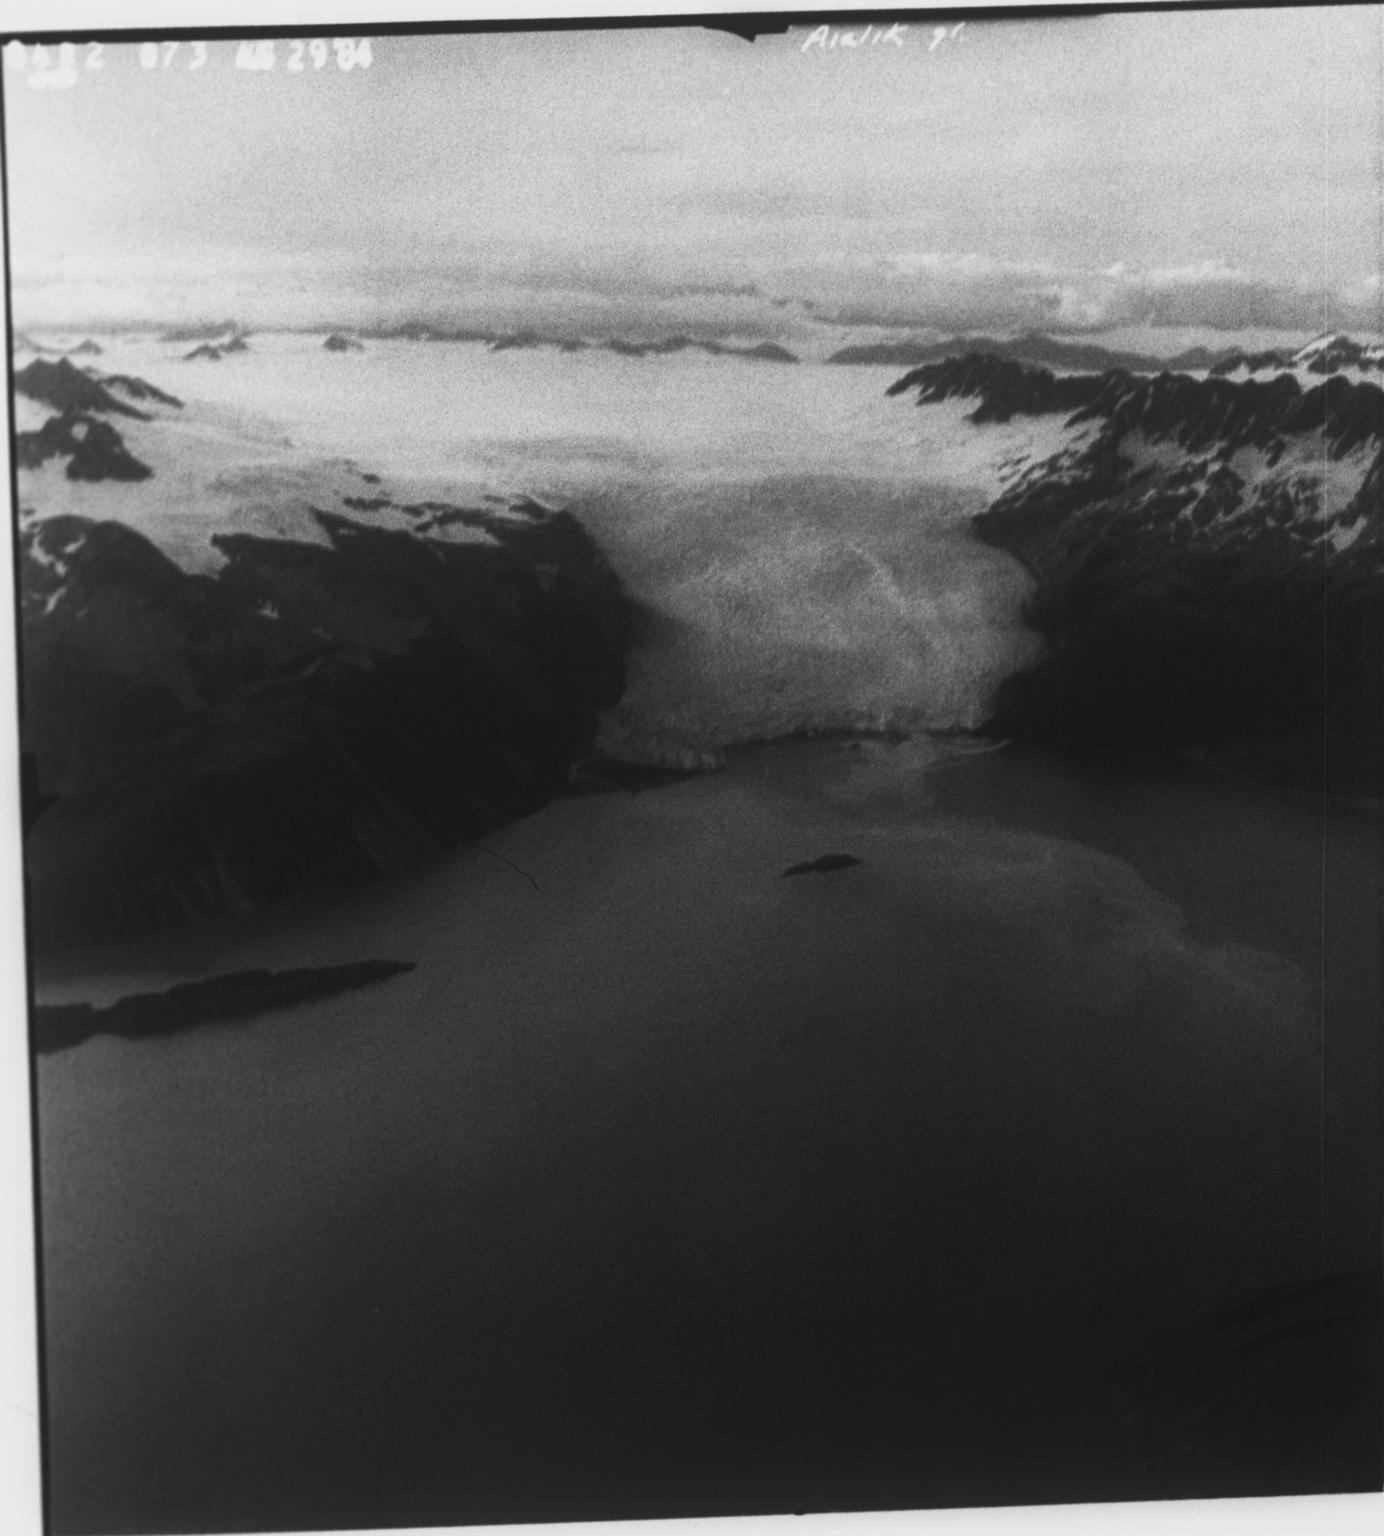 Aialik Glacier, Alaska, United States